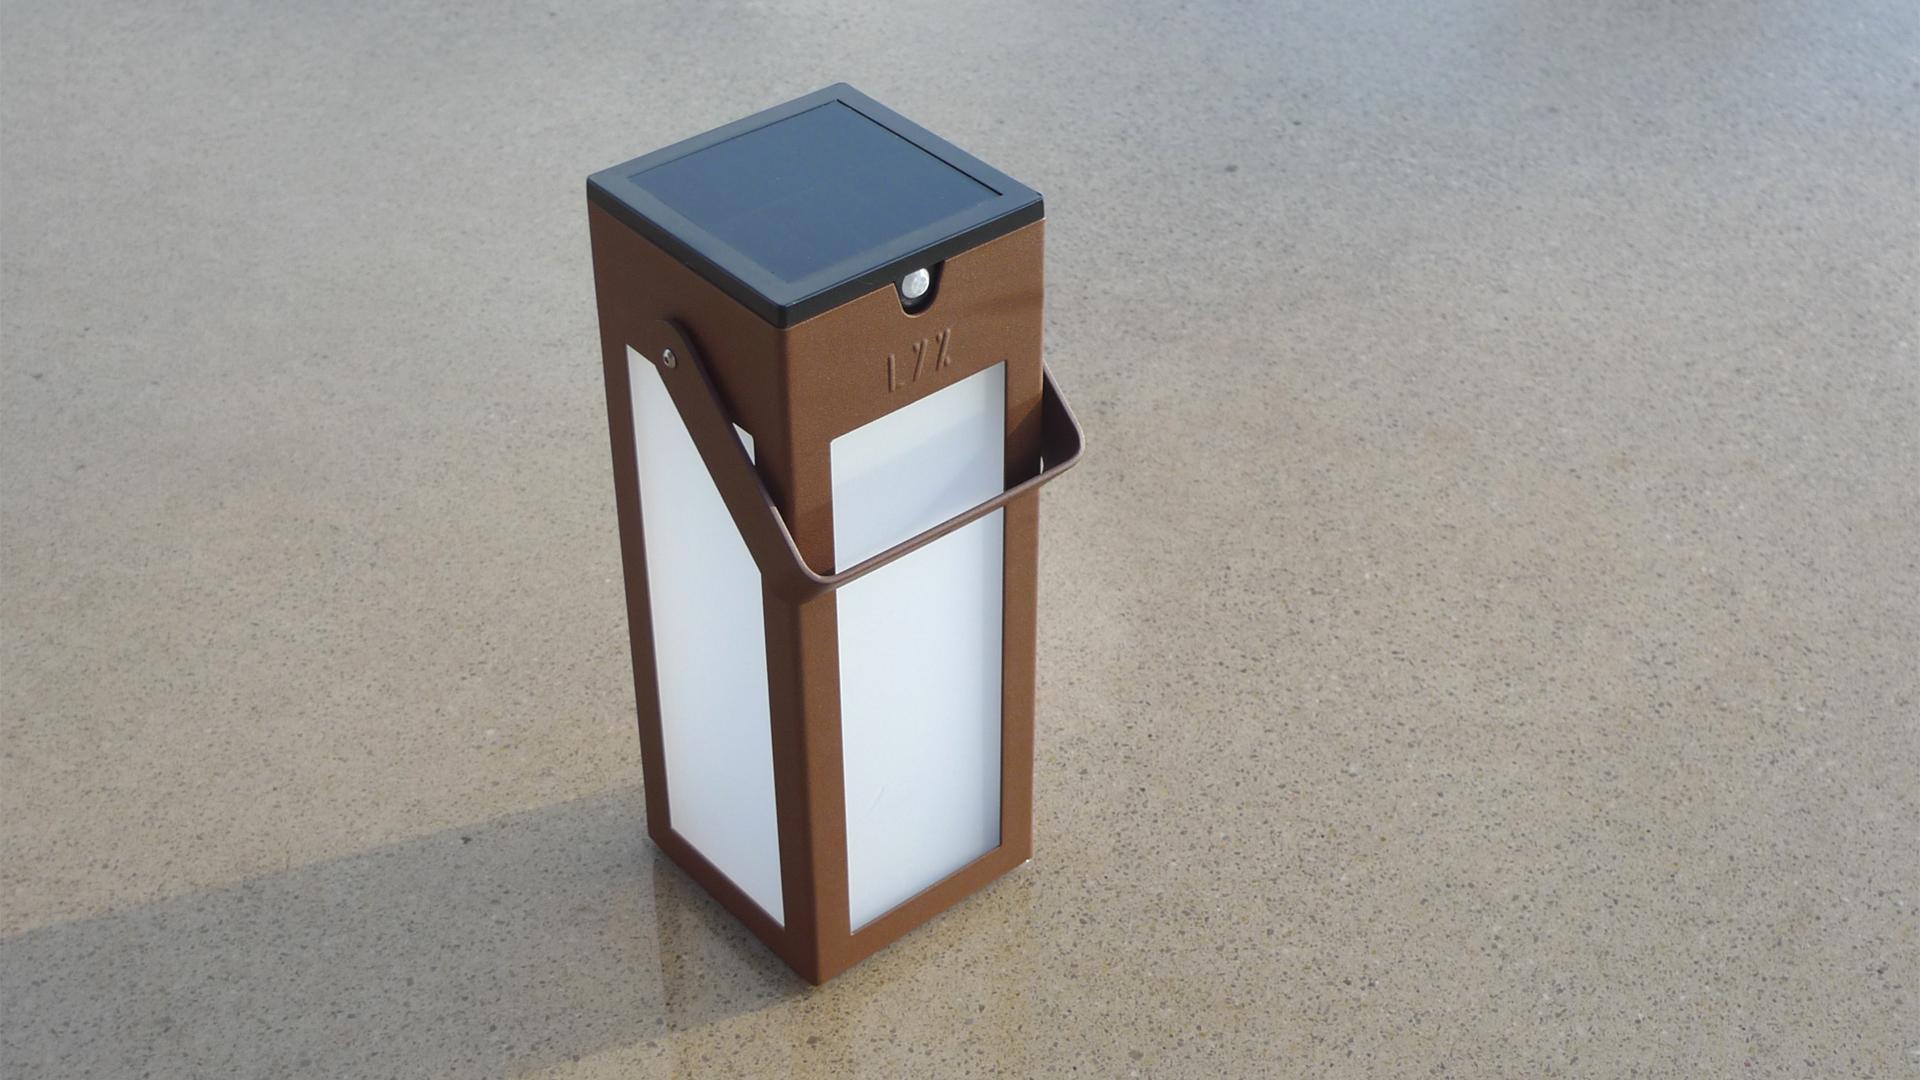 La lampe extérieure solaire BNS 021 est une borne d'éclairage extérieure solaire éditée par LYX Luminaires fabriquée en acier inoxydable.La lampe extérieure solaire BNS 021 permet un éclairage performant et un éclairage puissant. Cette borne d'éclairage design dispose d'un capteur solaire performant. La borne extérieure solaire BNS 021 est une lampe autonome solaire idéale pour l'éclairage d'entrée, l'éclairage de terrasses, l'éclairage de jardins. La lampe solaire extérieure BNS 021 est équipée d'un détecteur de mouvement / détecteur de présence. Cette lampe de jardin, lampe de terrasse s'adaptant à tout type d'environnement architectural est idéale pour éclairer votre extérieur. Les luminaires solaires extérieurs LYX Luminaires offrent un éclairage design un éclairage original et un éclairage moderne. / Lampe extérieure jardin pour un éclairage extérieur design. Version lampe solaire jardin ou lampe jardin LED. Cette lampe de jardin ou lampe terrasse est une lampe de jardin avec détecteur. Fabriquée en acier, la lampe jardin détecteur permet un éclairage solaire ou un éclairage LED puissant selon le modèle choisi. Découvrez la collection de luminaires extérieurs constituée de lampes solaires et lampes LED. Vaste collection d'appliques extérieures / appliques murales : applique murale extérieure solaire, applique murale LED, applique extérieure design. Les appliques extérieures murales sont de fabrication française. Lampe solaire idéale pour l'éclairage de terrasses, de jardin. Lampe solaire terrasse, lampe extérieure terrasse permettant un éclairage performant. La lampe extérieure est équipée d'un détecteur de présence. Le luminaire extérieur doté d'un détecteur de mouvement, éclaire au passage d'une personne d'une voiture. Lampe extérieure détecteur puissante et efficace, au design épuré et moderne.